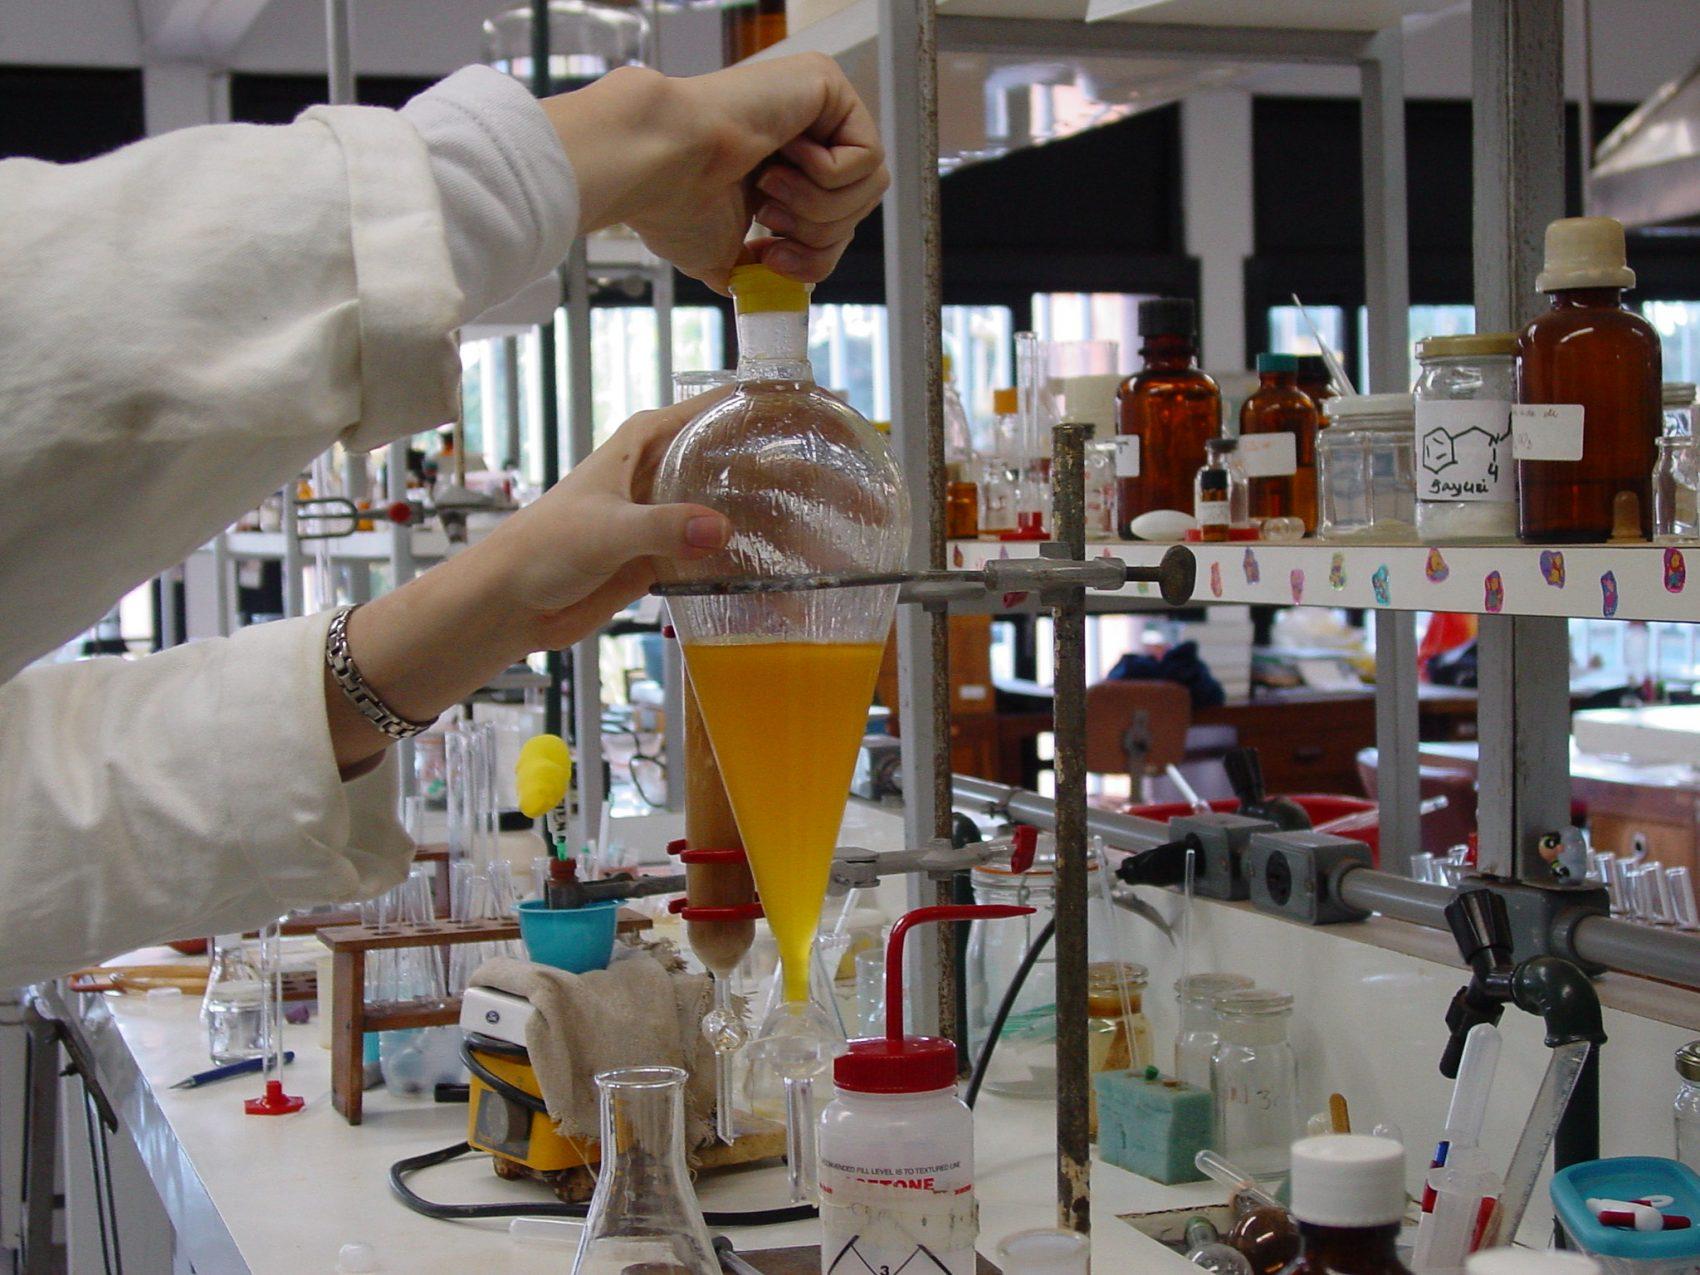 Laboratório de Química da Universidade de Brasília: biofertilizante sem adição de outros compostos químicos e que pode ser produzido em grande quantiadade (Foto: Daiane Souza/Secom/UnB)